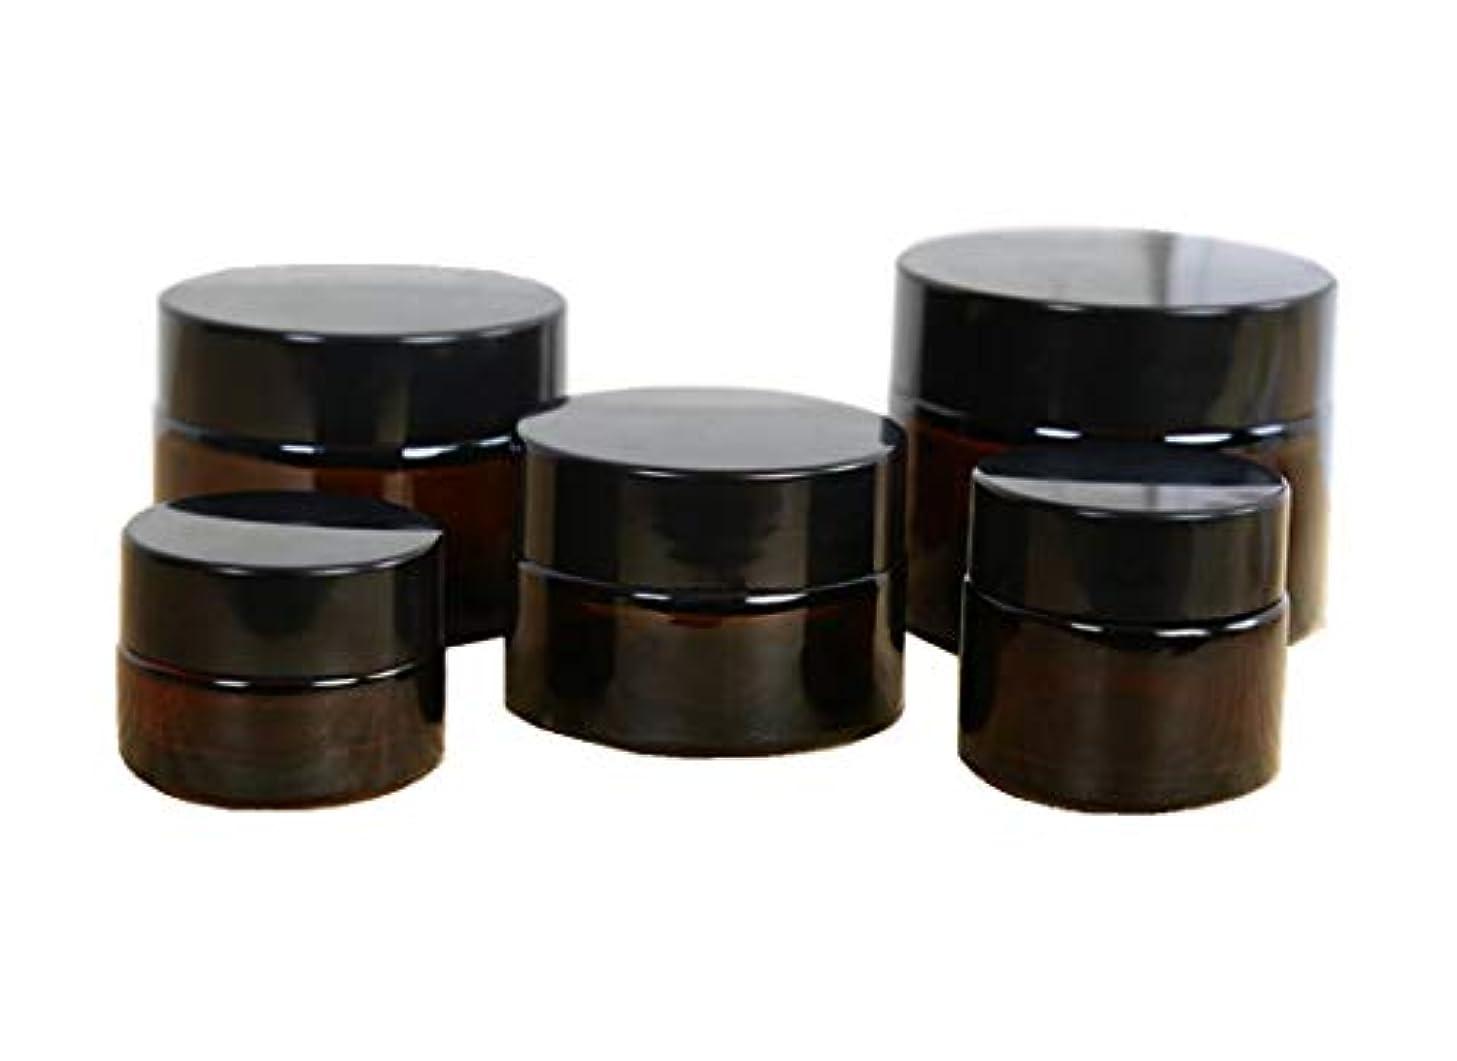 トンネルロデオクラウドクリーム容器 遮光瓶 ハンドクリーム 容器 ガラス製 ボトル 茶色 詰替え 保存用 10g/20g/30g/50g/100g 5個セット